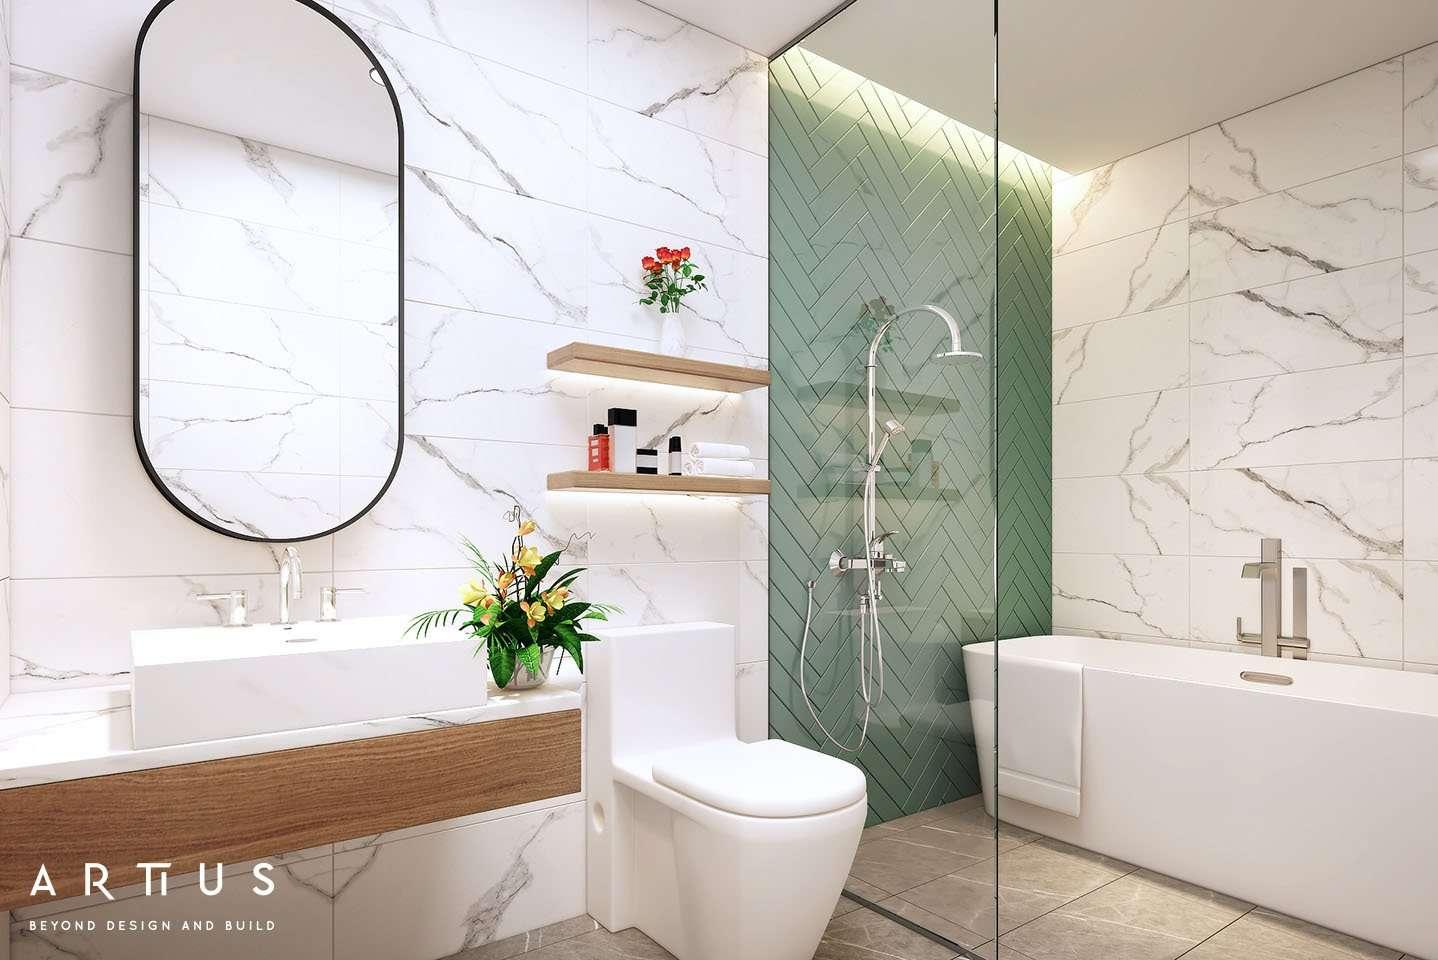 Thiết kế phòng tắm sử dụng màu sắc nổi bật